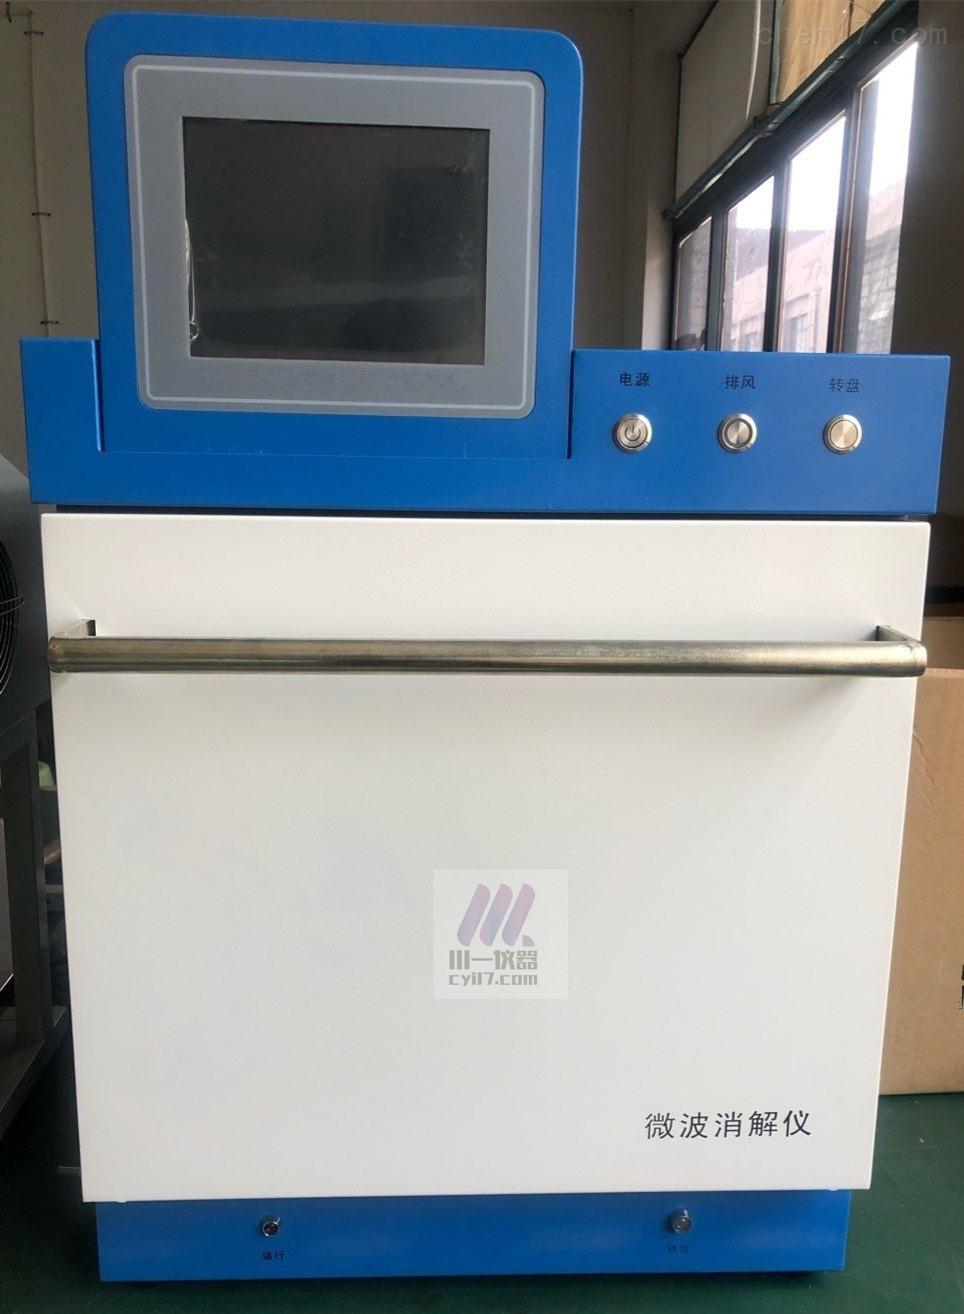 南京智能微波消解仪CYWB-10厂家直销